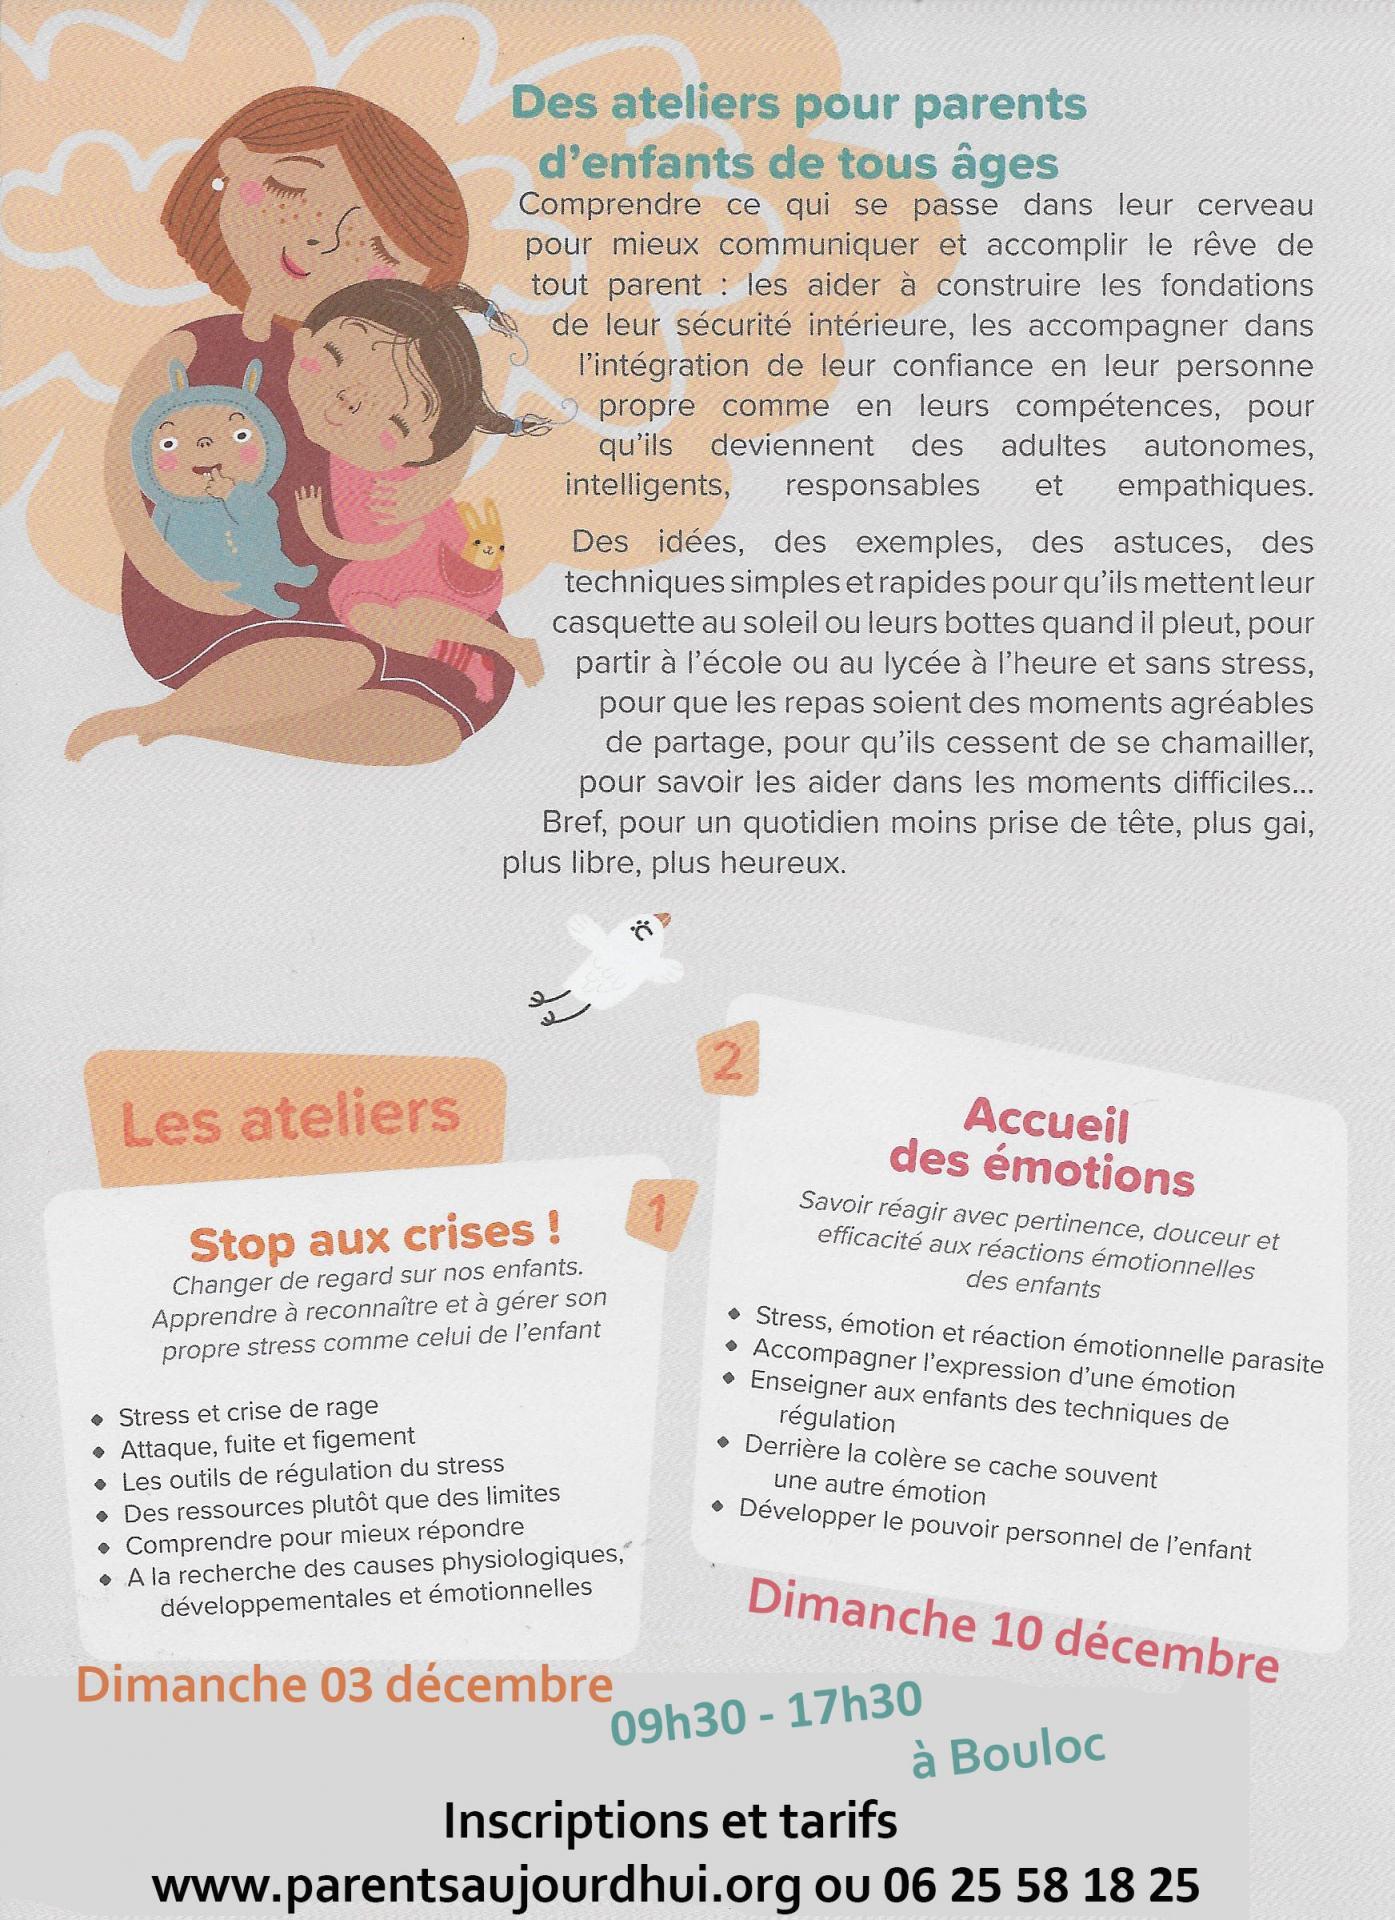 http://www.parentsaujourdhui.org/pages/presentation-par-actions/les-ateliers/page-10-3-1-1-1.html